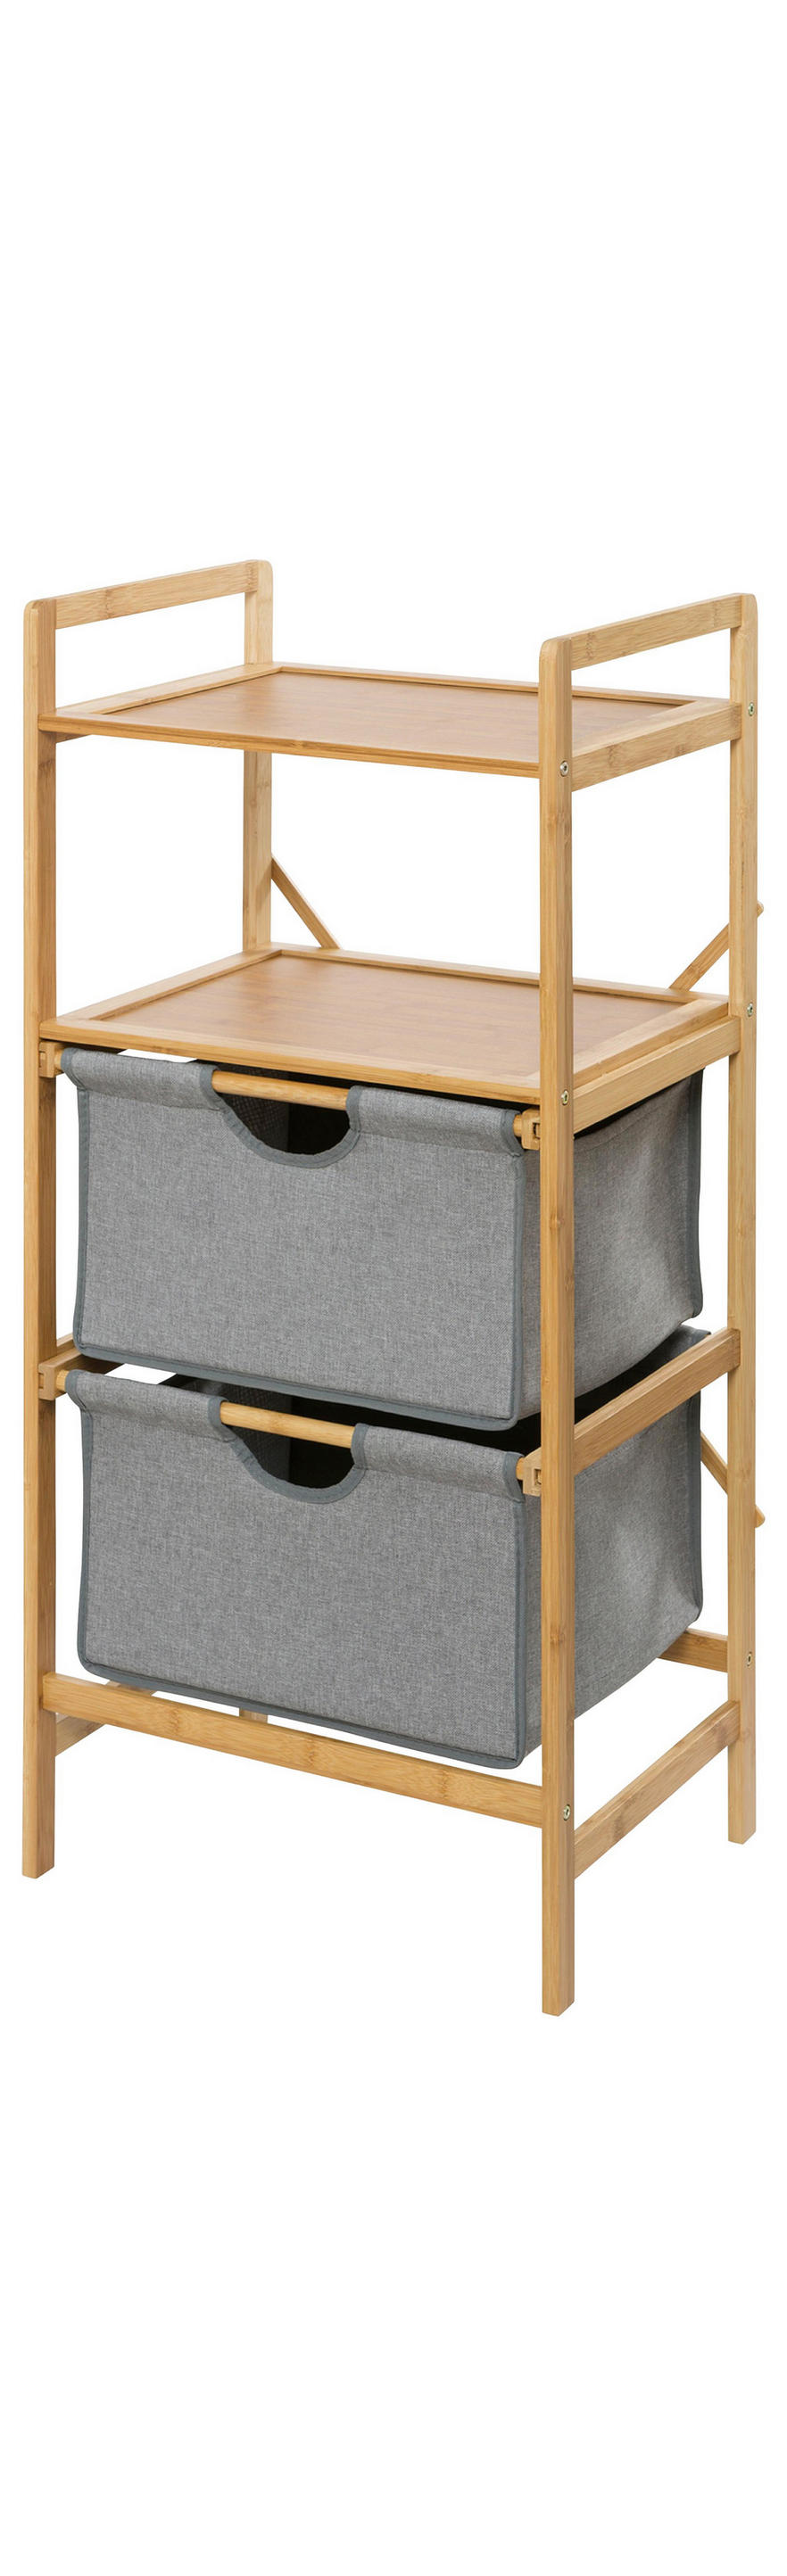 BADEZIMMERREGAL Holz, Textil Bambus Braun, Grau